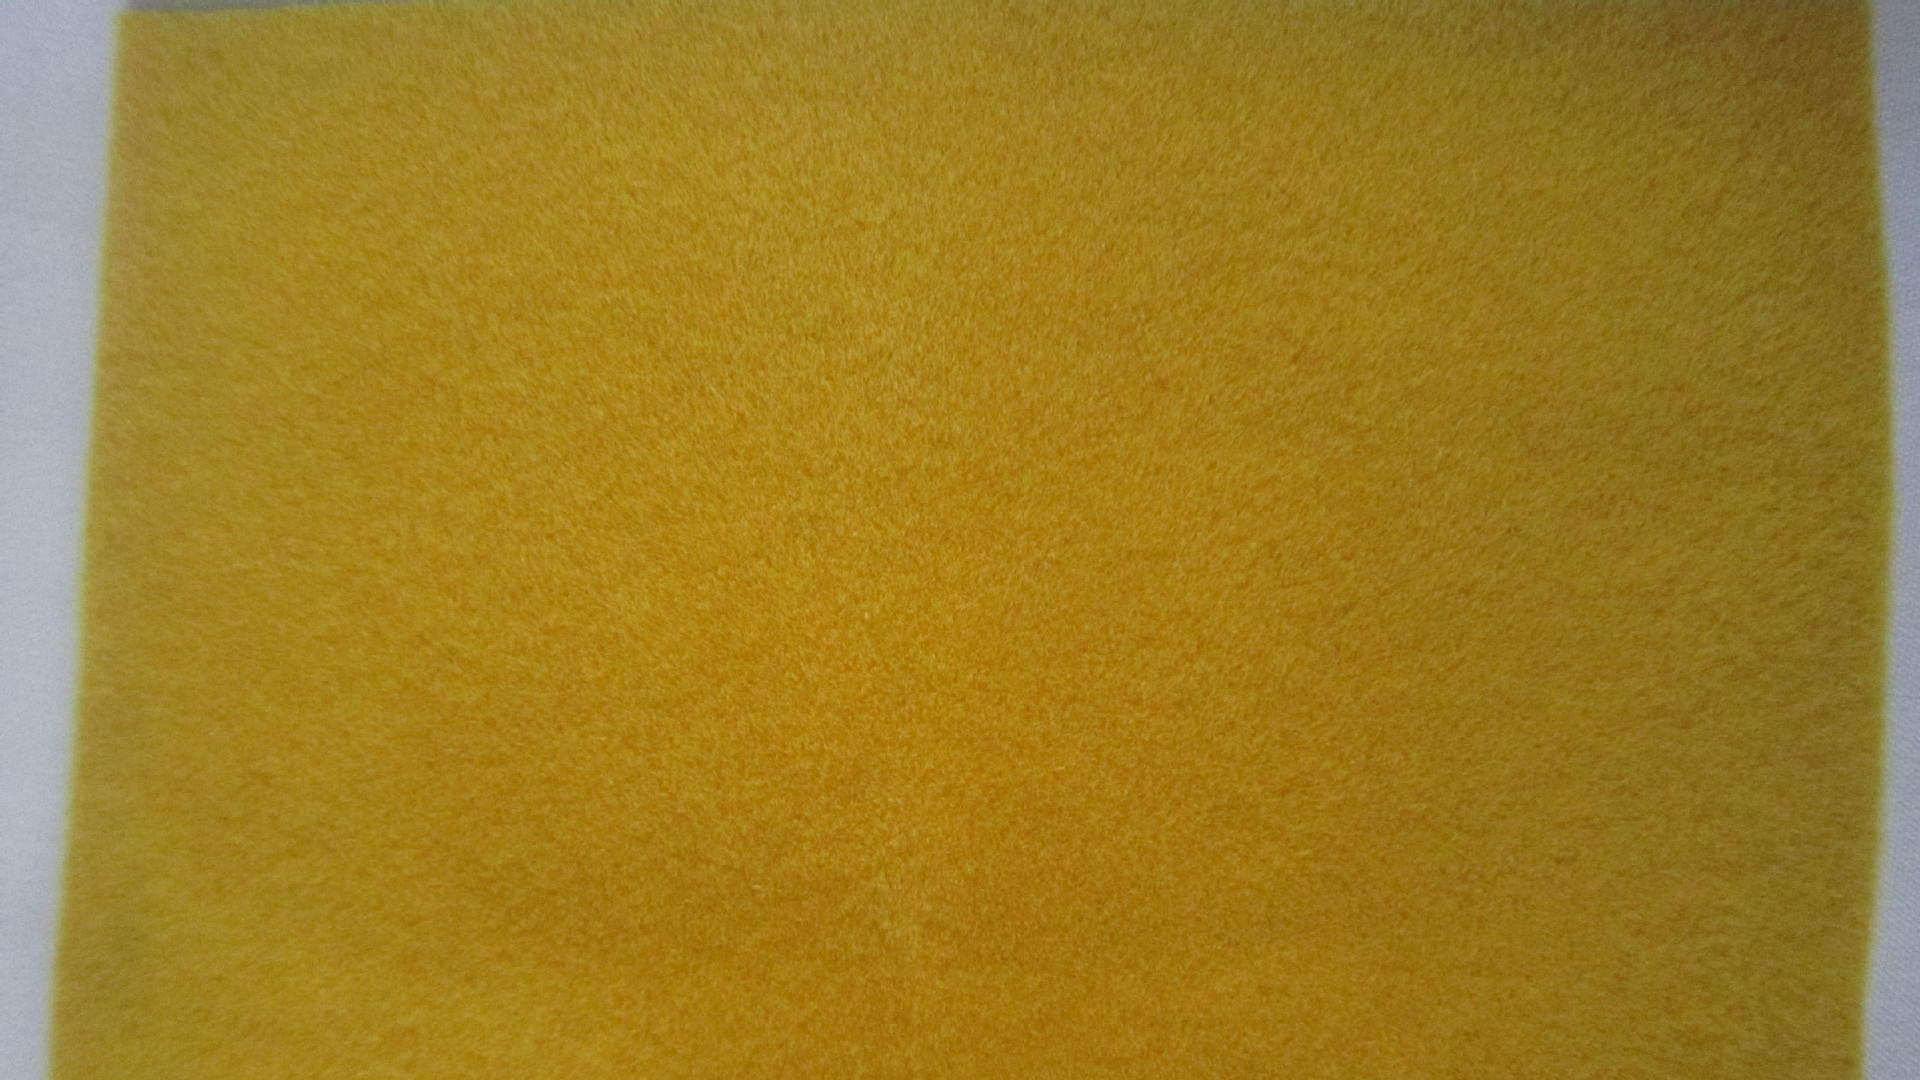 天津销售植绒布制造厂家「惠州市万达兴布料供应」